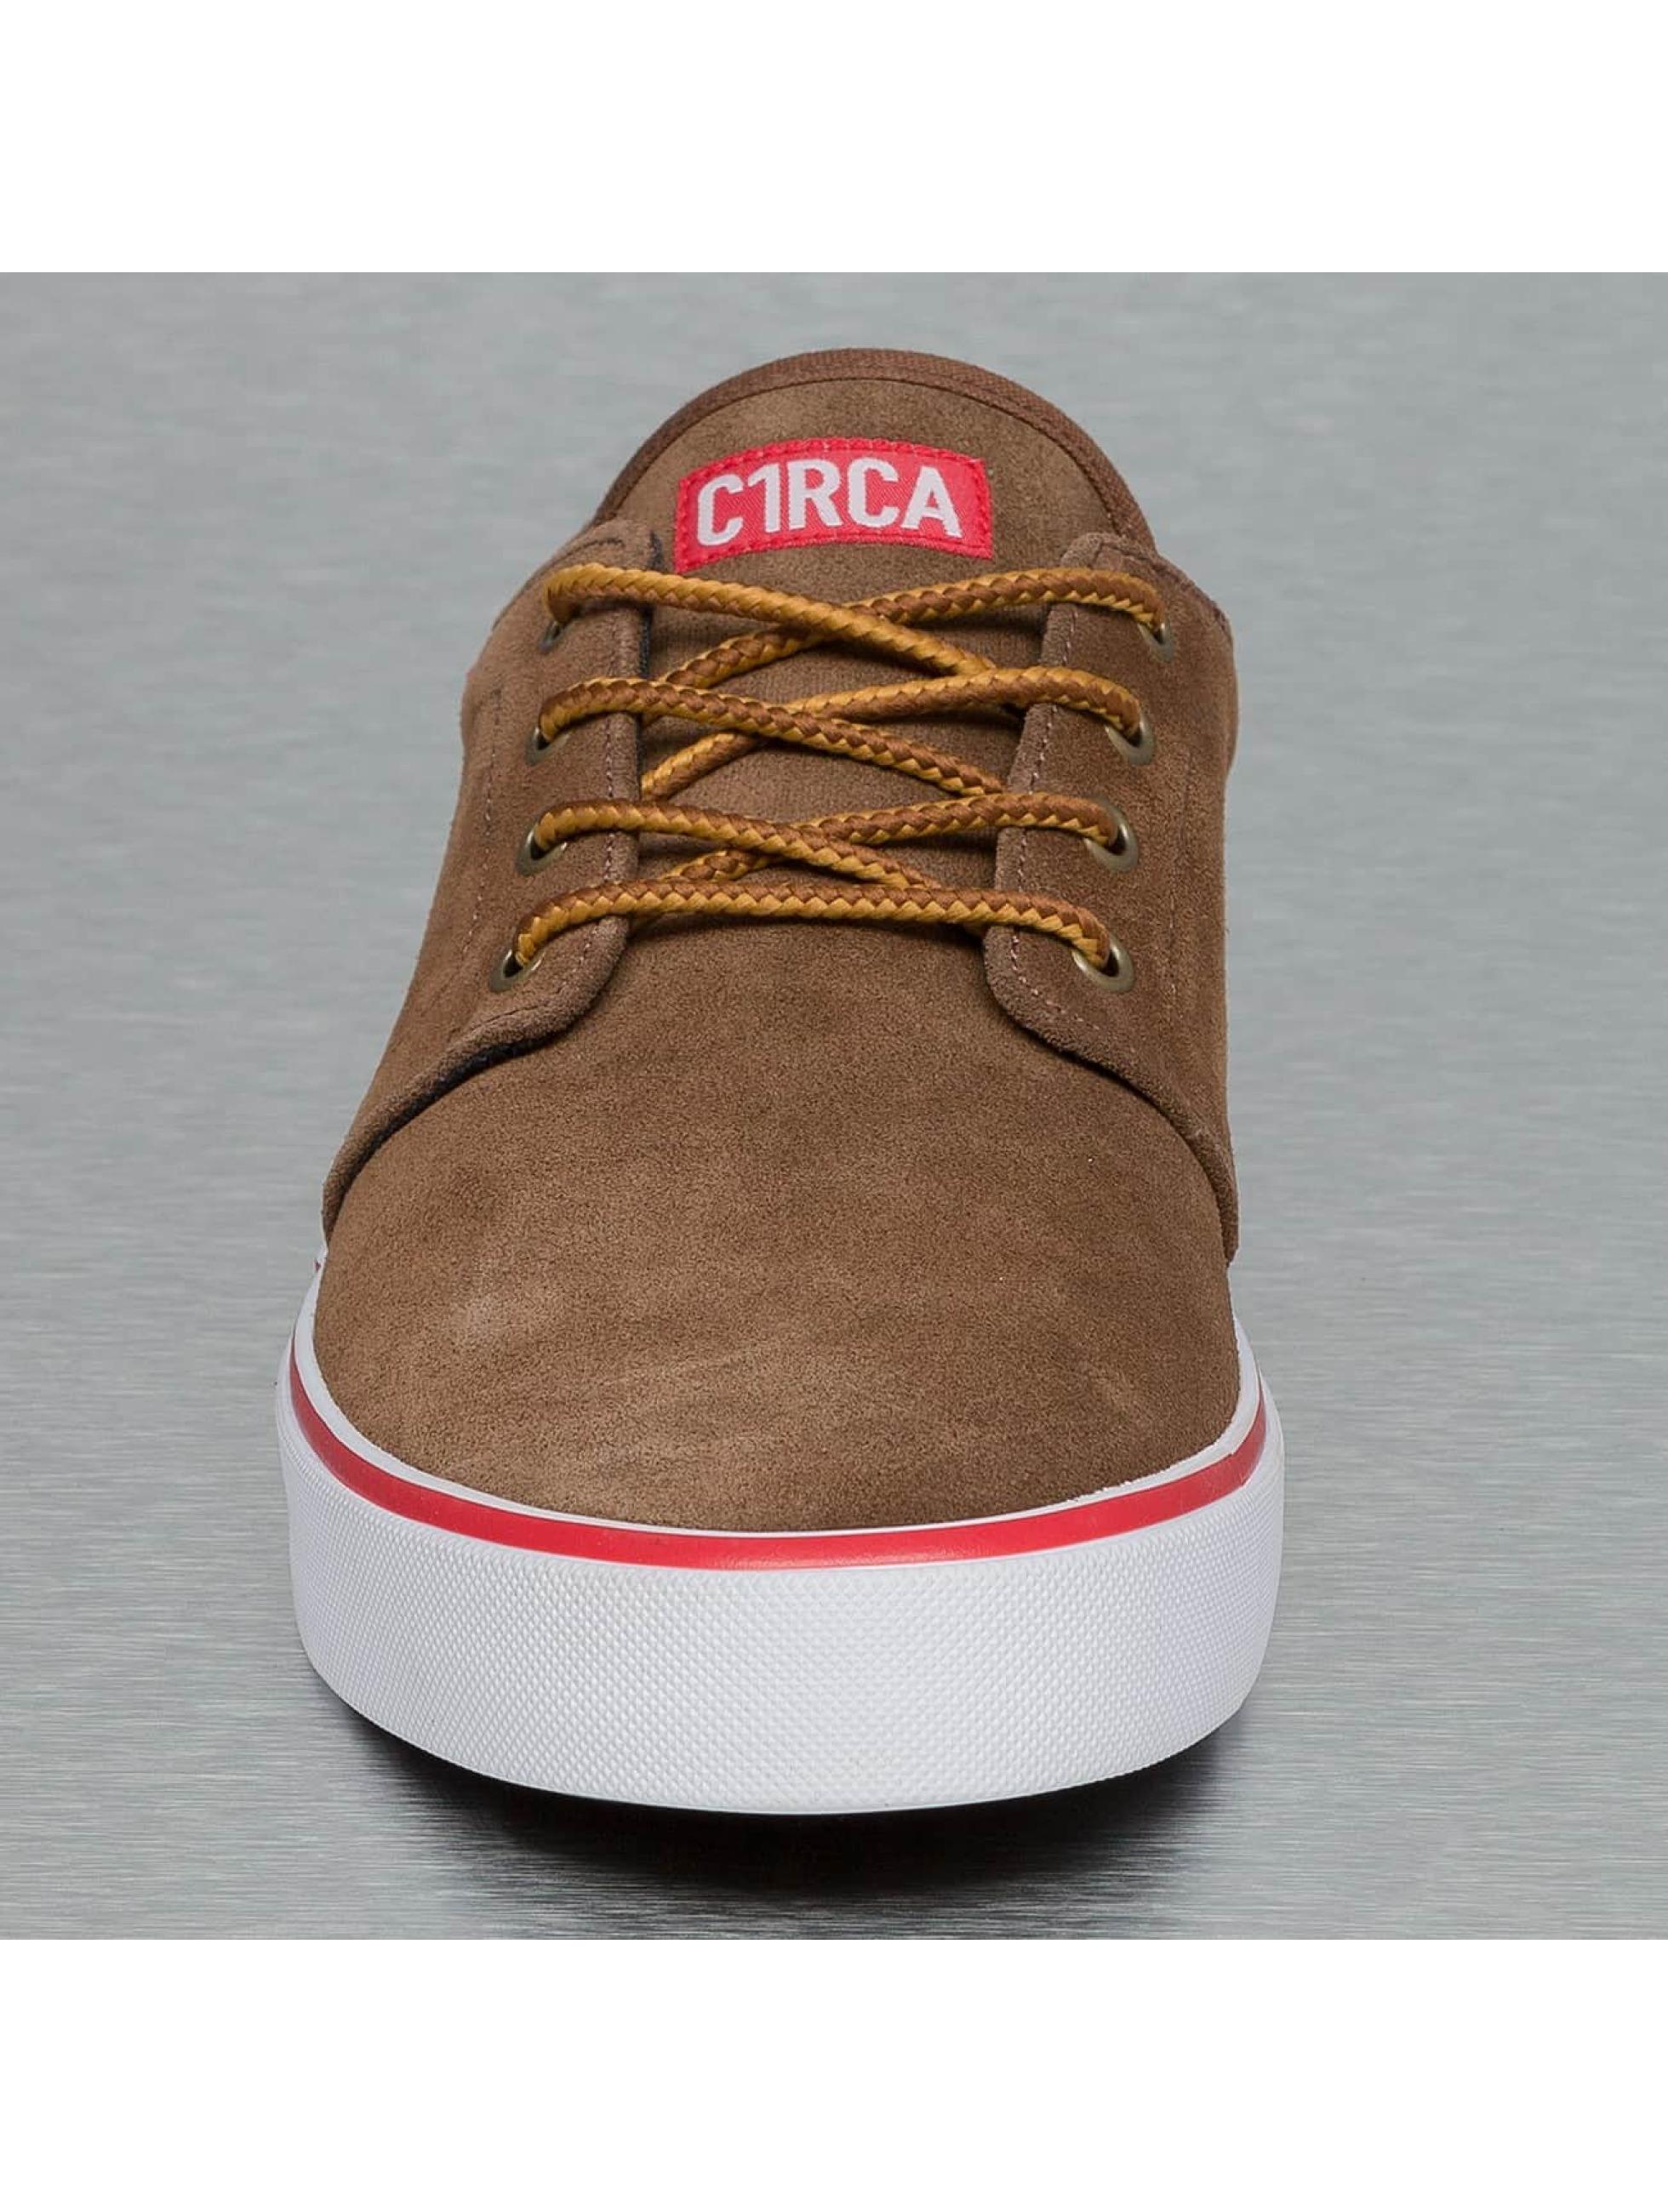 C1RCA Baskets Drifter brun